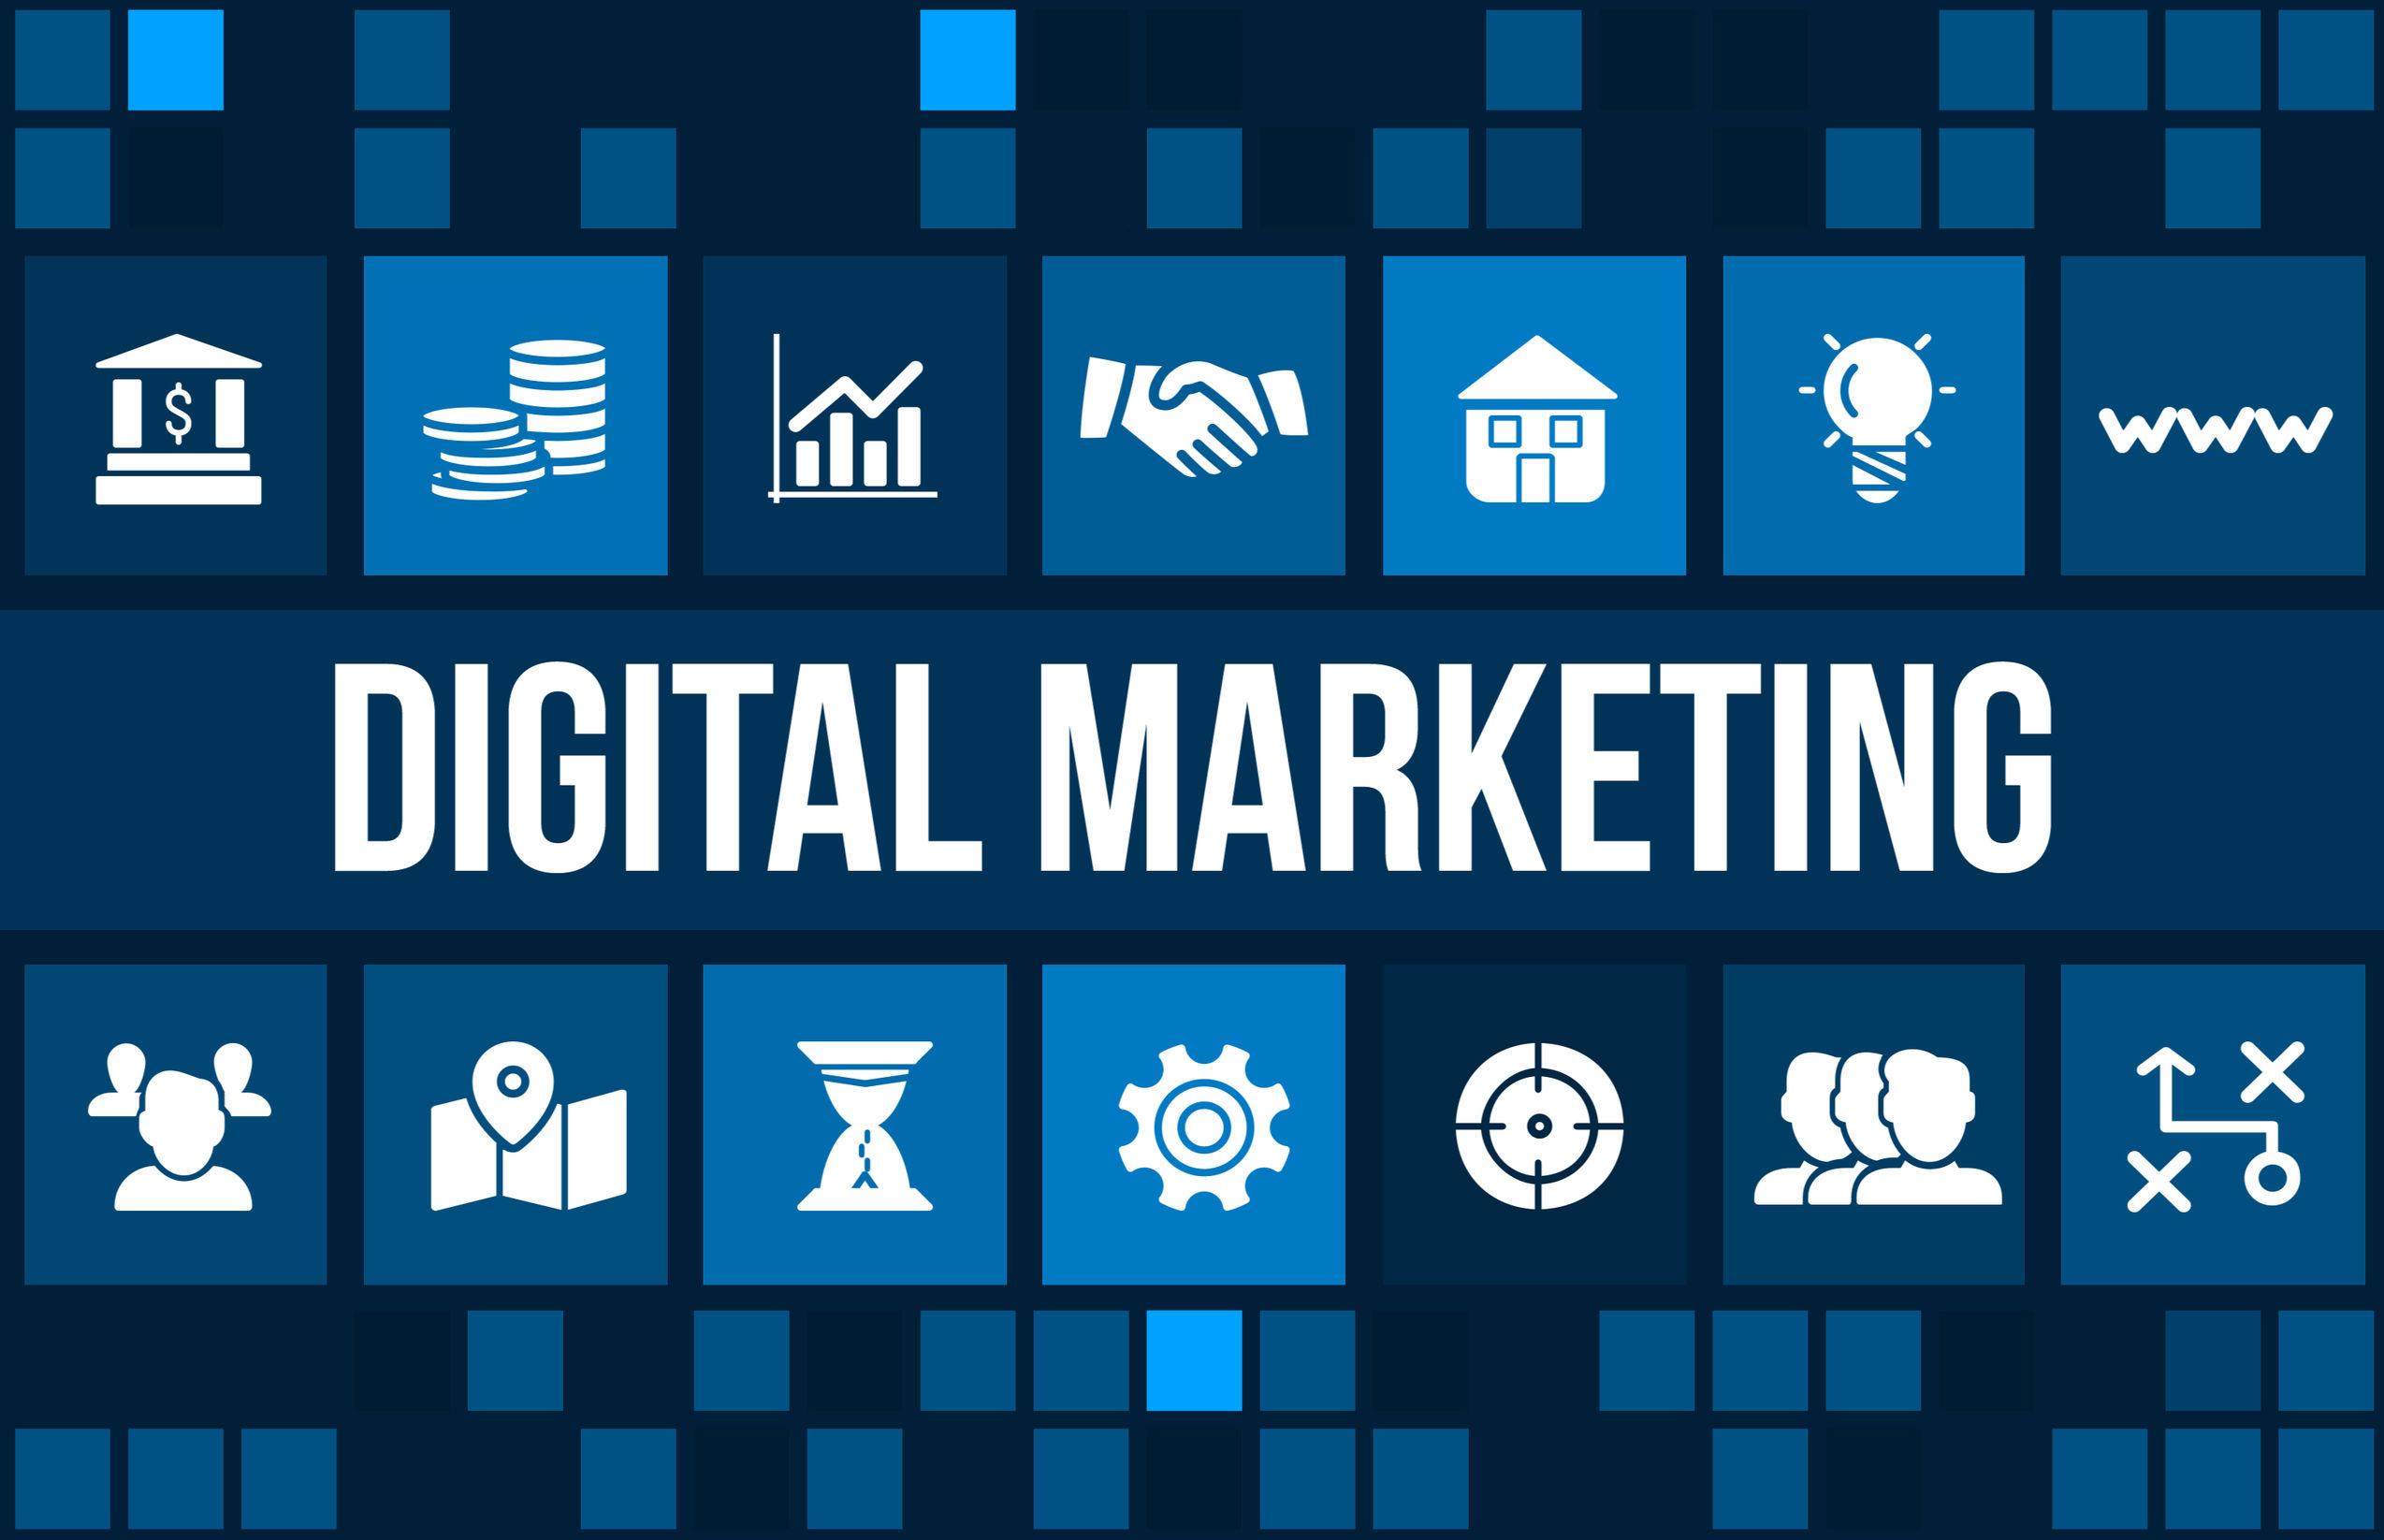 Marknadsföring via webbplatser eller sociala medier?